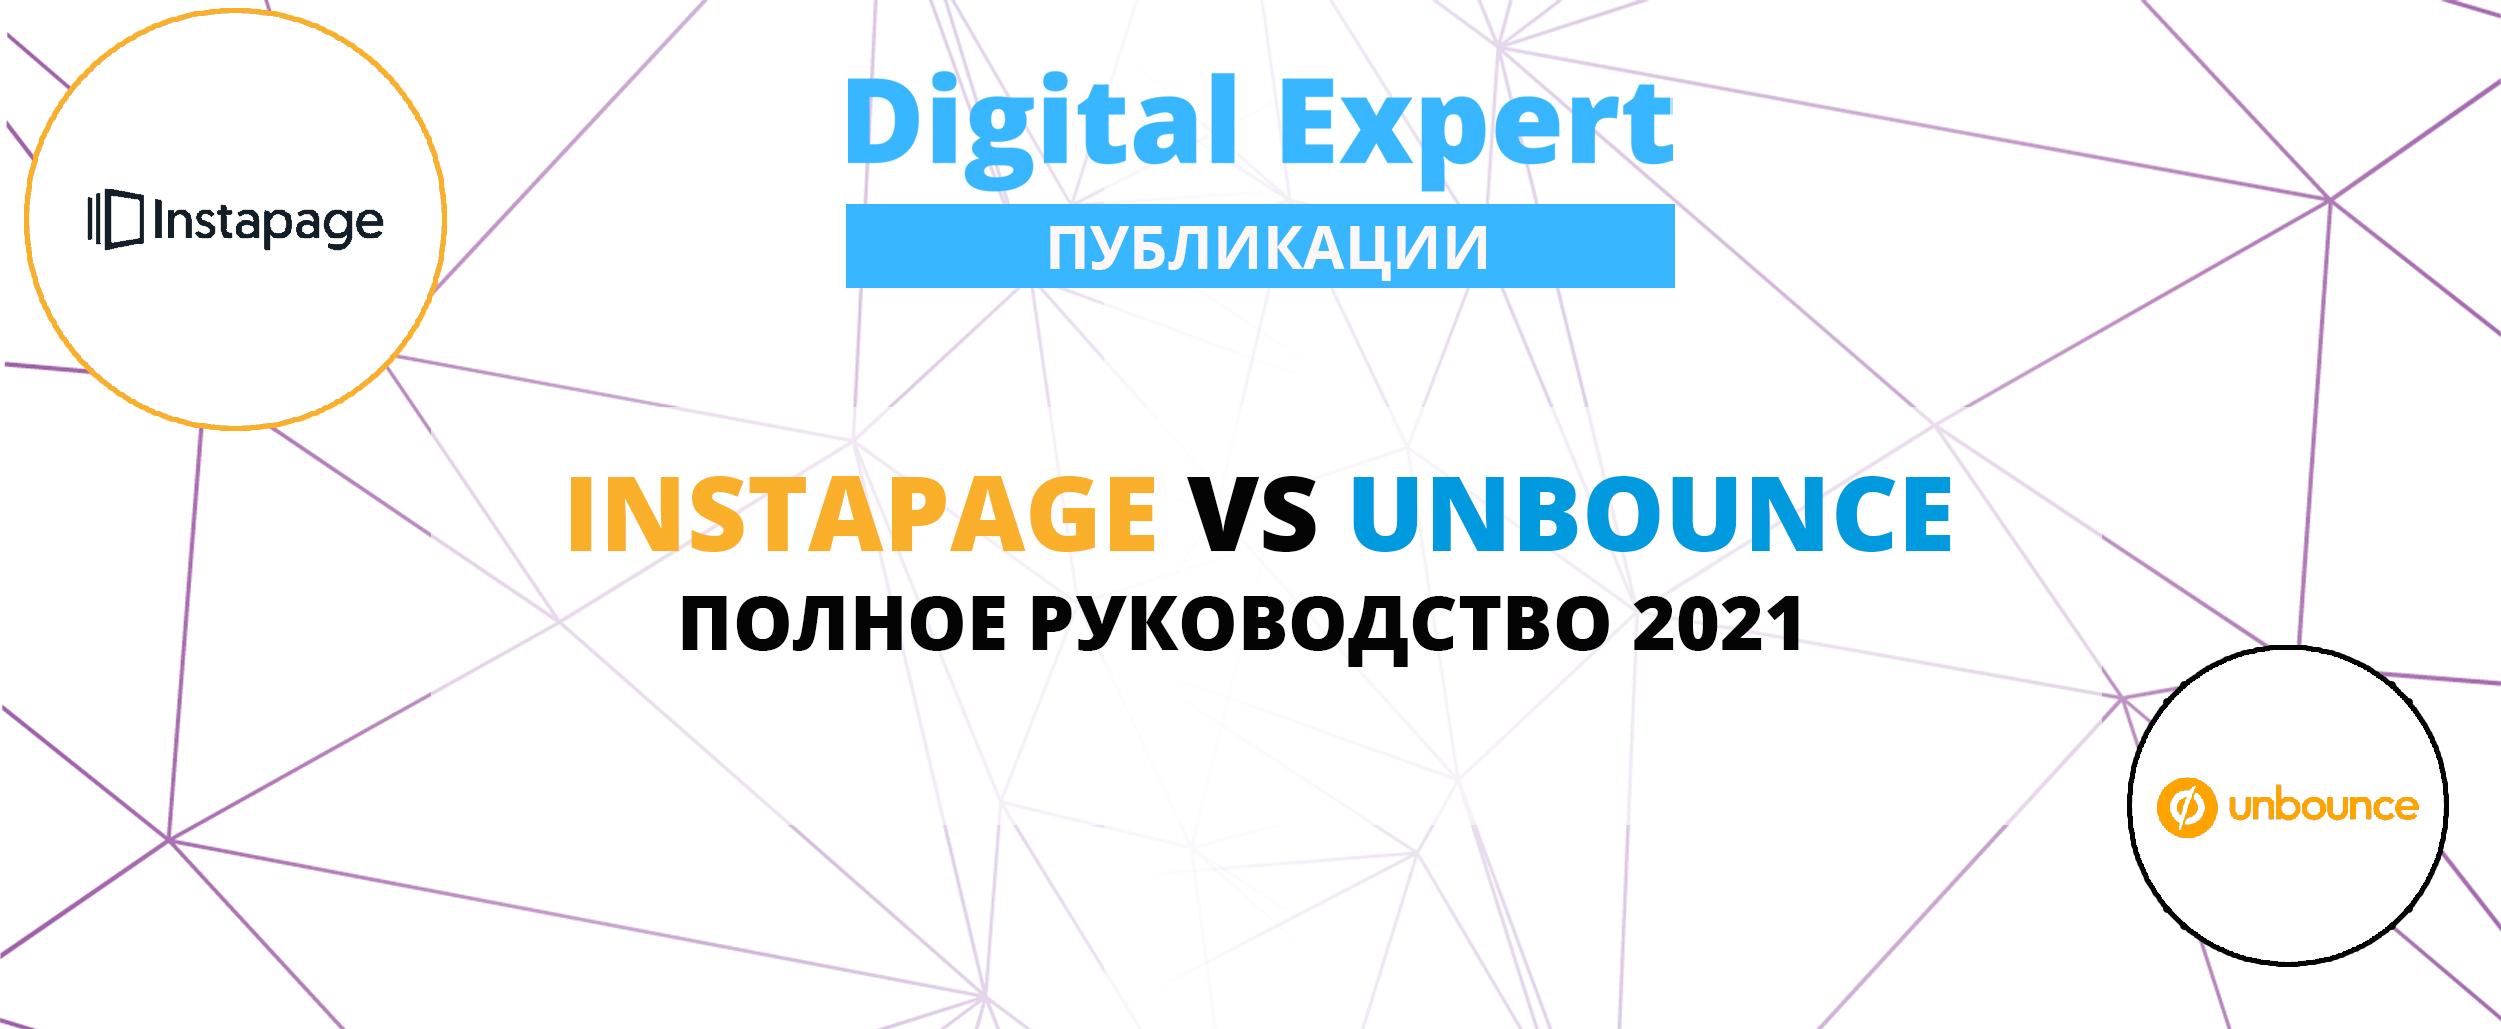 Сравнение Instapage и Unbounce  по функциям, простоте использования, аналитике и ценам